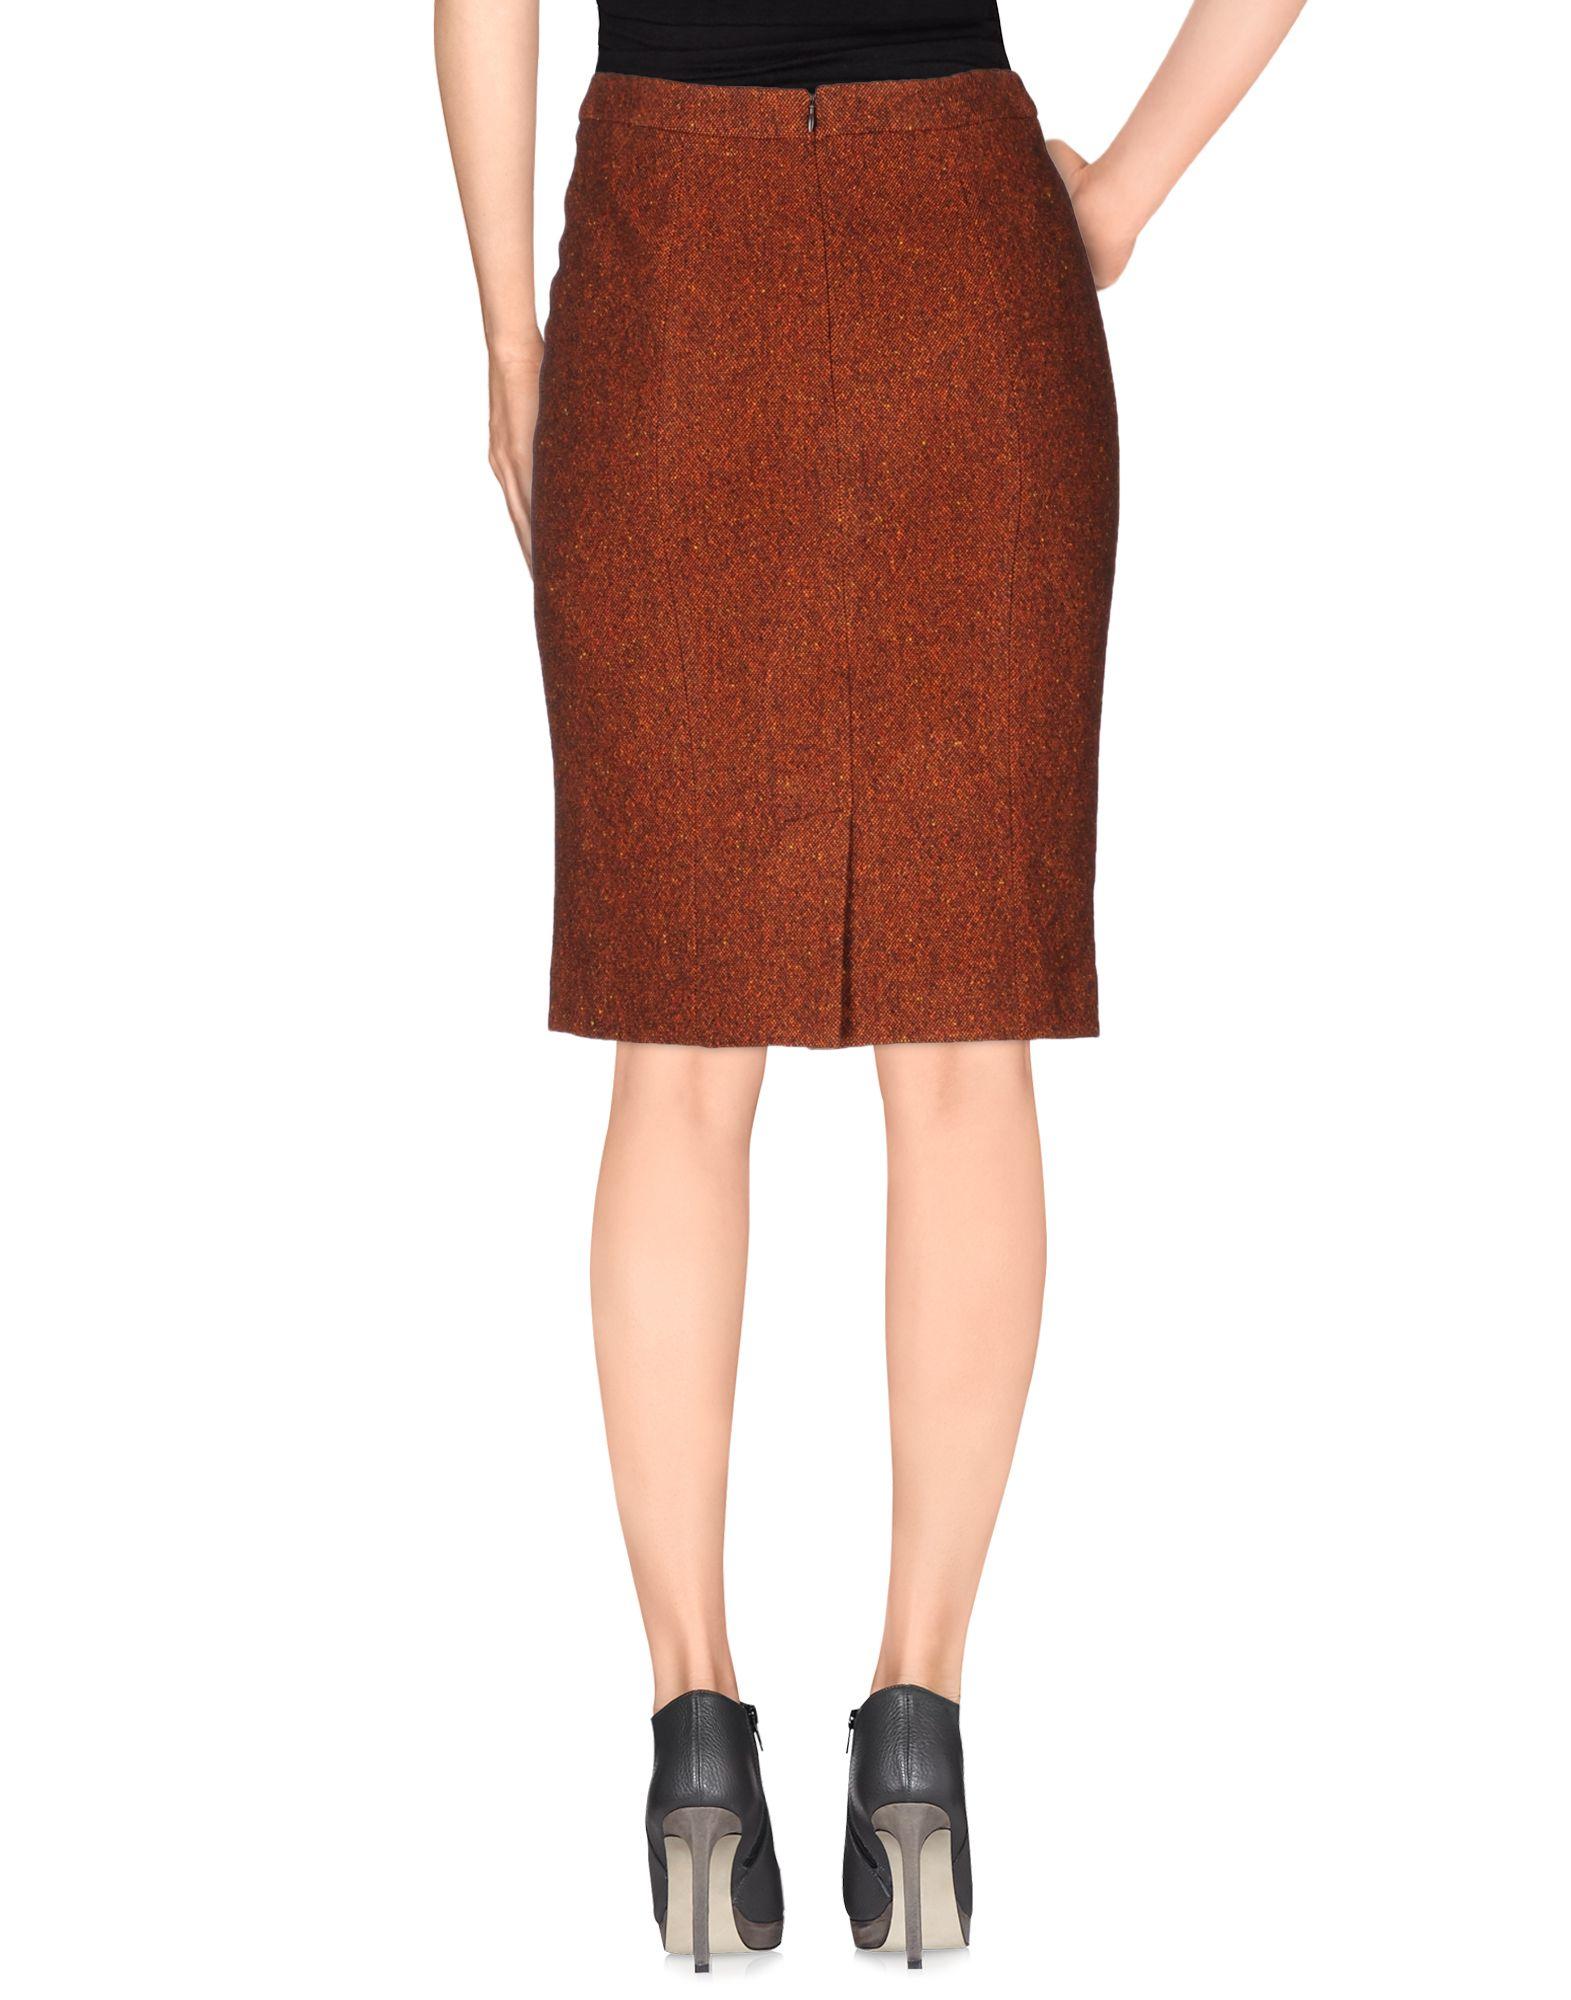 etro knee length skirt in brown rust lyst